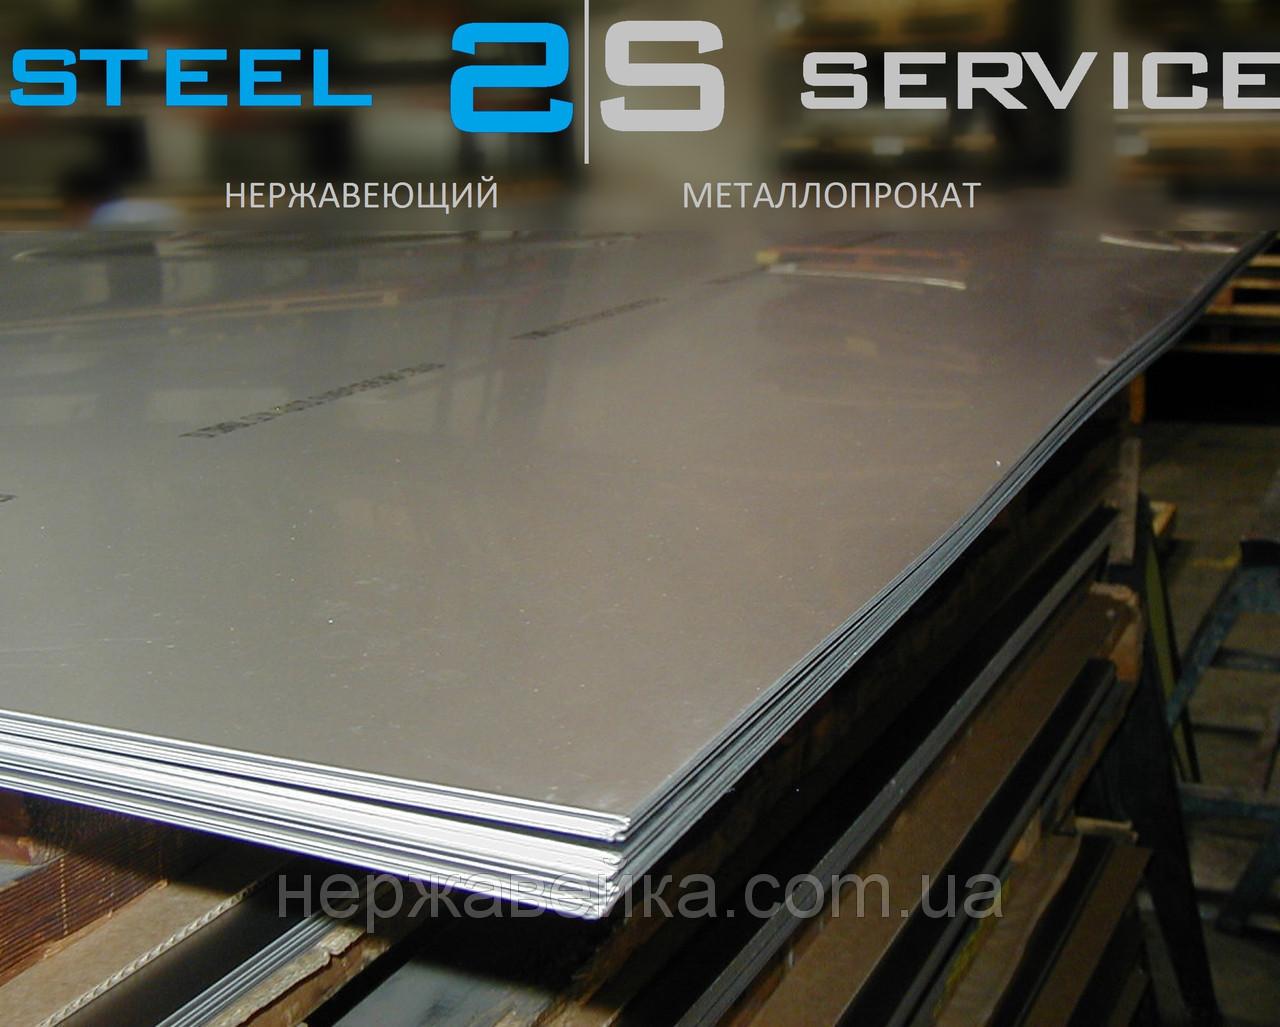 Нержавеющий лист 14х1000х2000мм  AISI 309(20Х23Н13, 20Х20Н14С2) F1 - горячекатанный,  жаропрочный